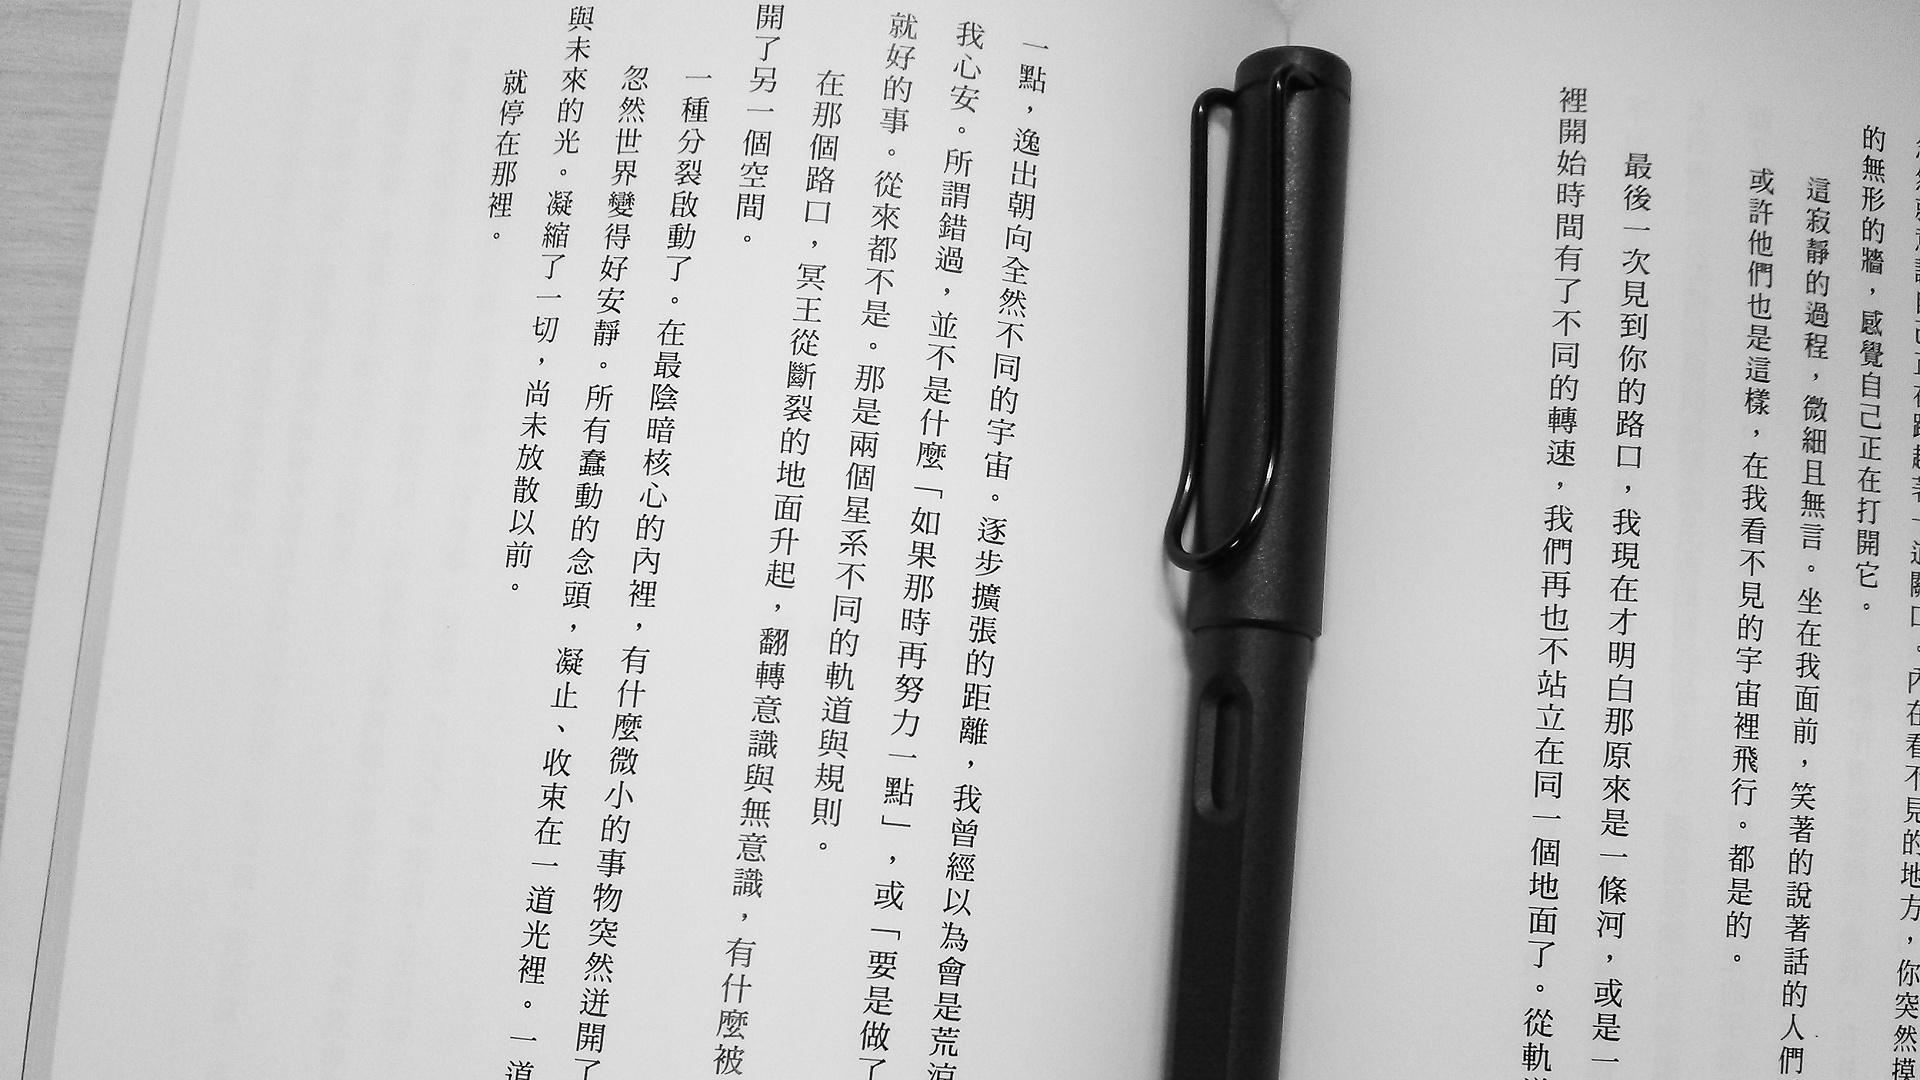 Wai Wang